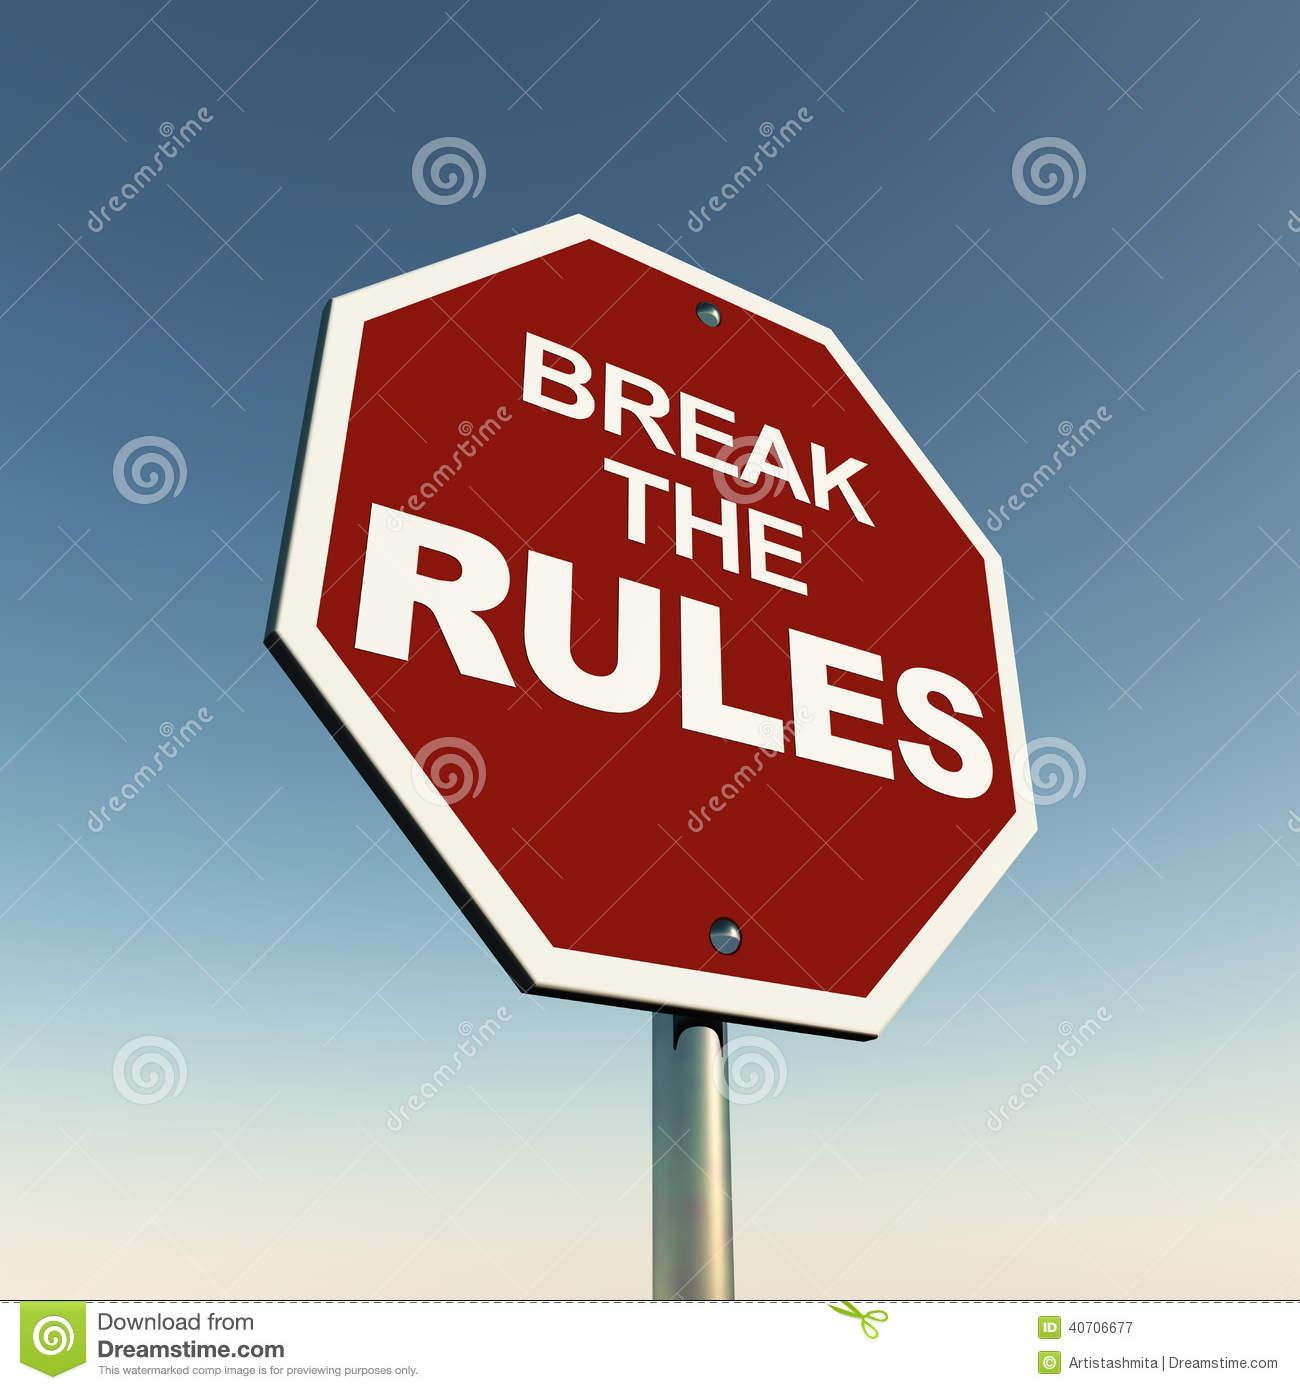 Break Rules Stock Illustration.